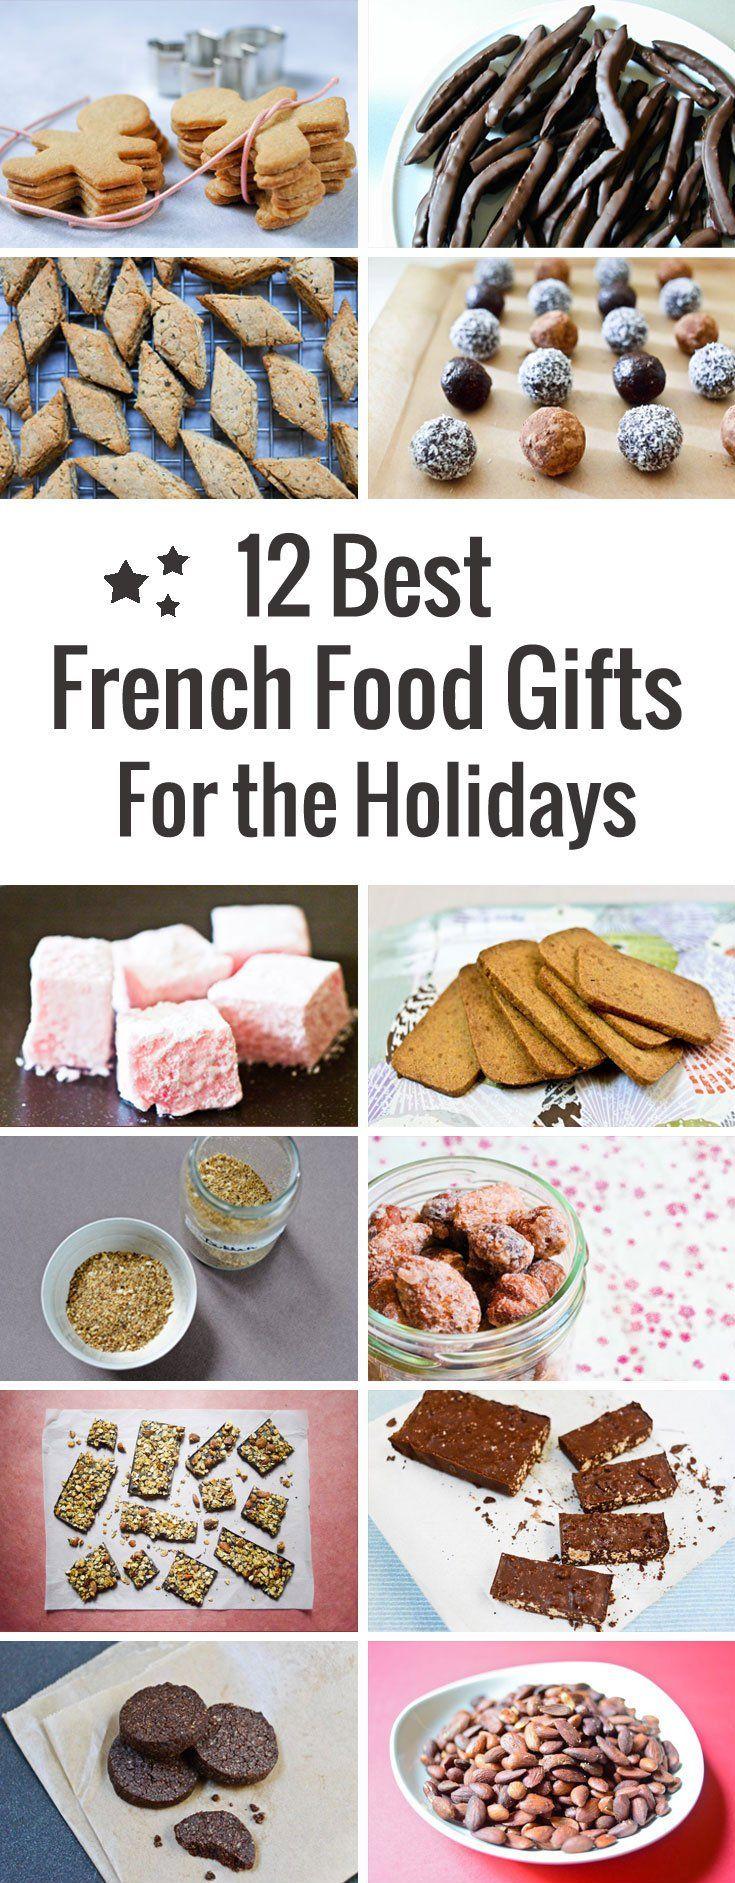 Réaliser des cadeaux gourmands pour les fêtes ne devrait pas être une source de stress supplémentaire. Voici mes recettes préférées, faciles et délicieuses !